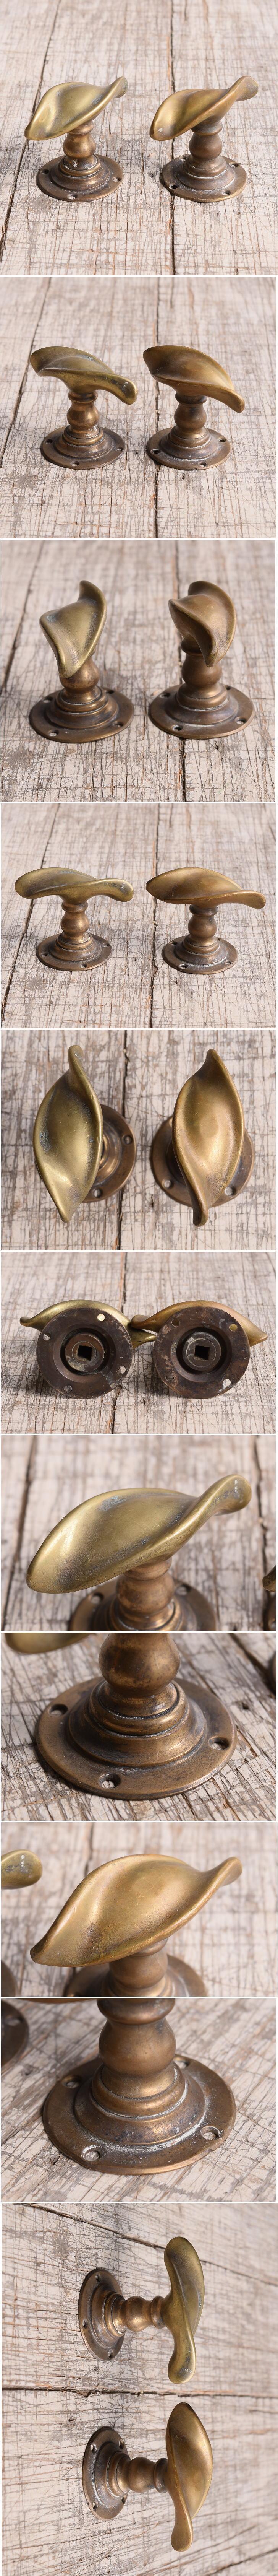 イギリス アンティーク 真鍮 ドアノブ×2 建具金物 握り玉 10015